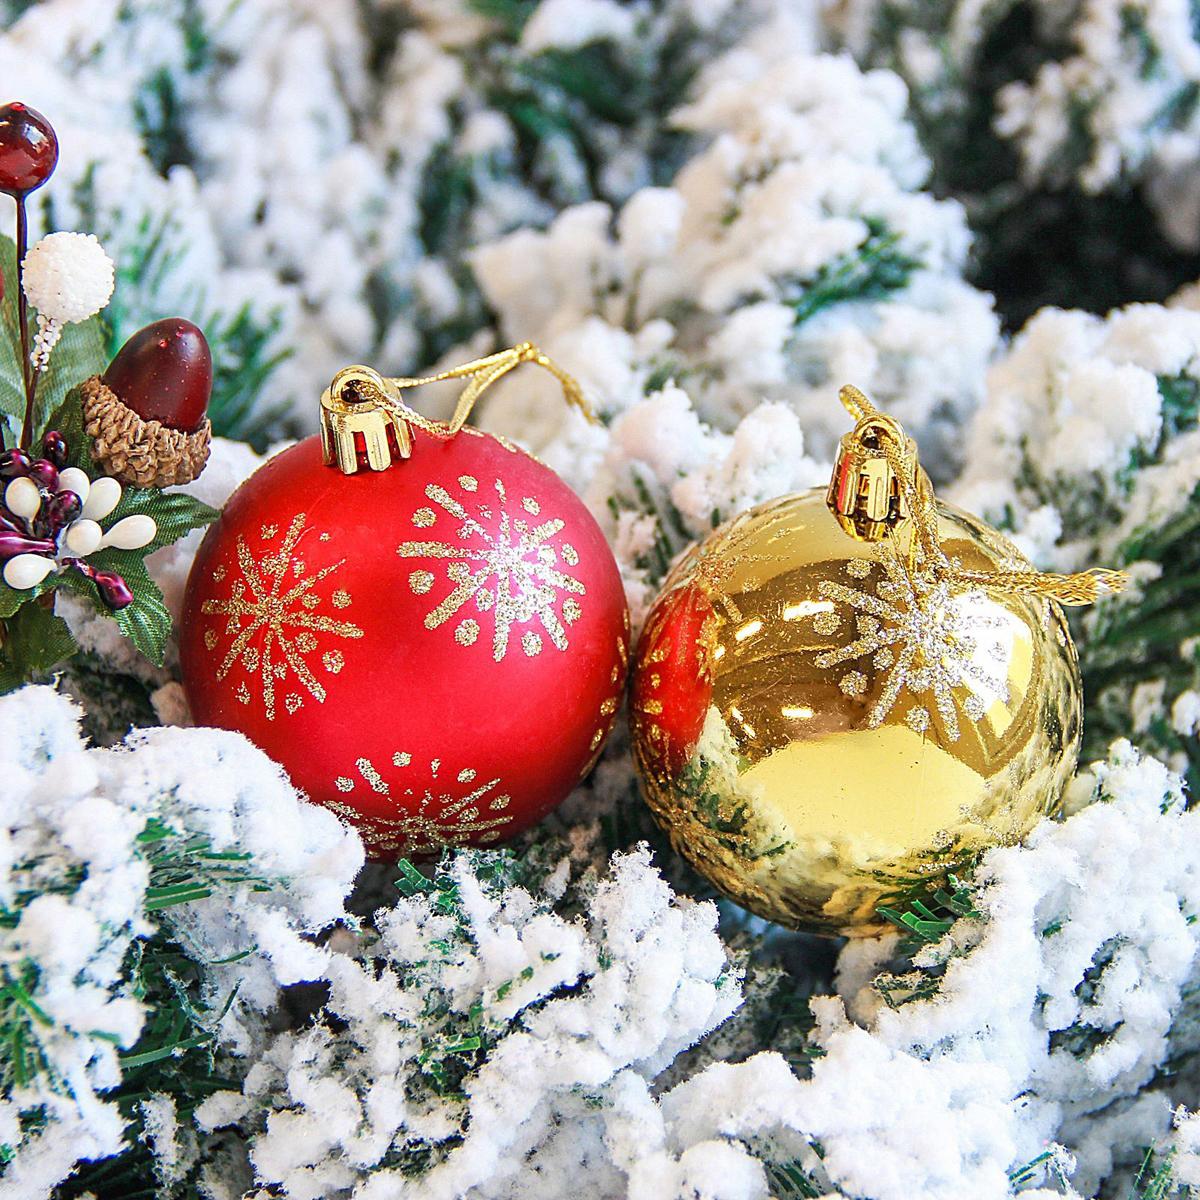 Набор новогодних подвесных украшений Sima-land Снежинка, диаметр 6 см, 12 шт. 21229152122915Набор новогодних подвесных украшений Sima-land отлично подойдет для декорации вашего дома и новогодней ели. С помощью специальной петельки украшение можно повесить в любом понравившемся вам месте. Но, конечно, удачнее всего оно будет смотреться на праздничной елке. Елочная игрушка - символ Нового года. Она несет в себе волшебство и красоту праздника. Создайте в своем доме атмосферу веселья и радости, украшая новогоднюю елку нарядными игрушками, которые будут из года в год накапливать теплоту воспоминаний.